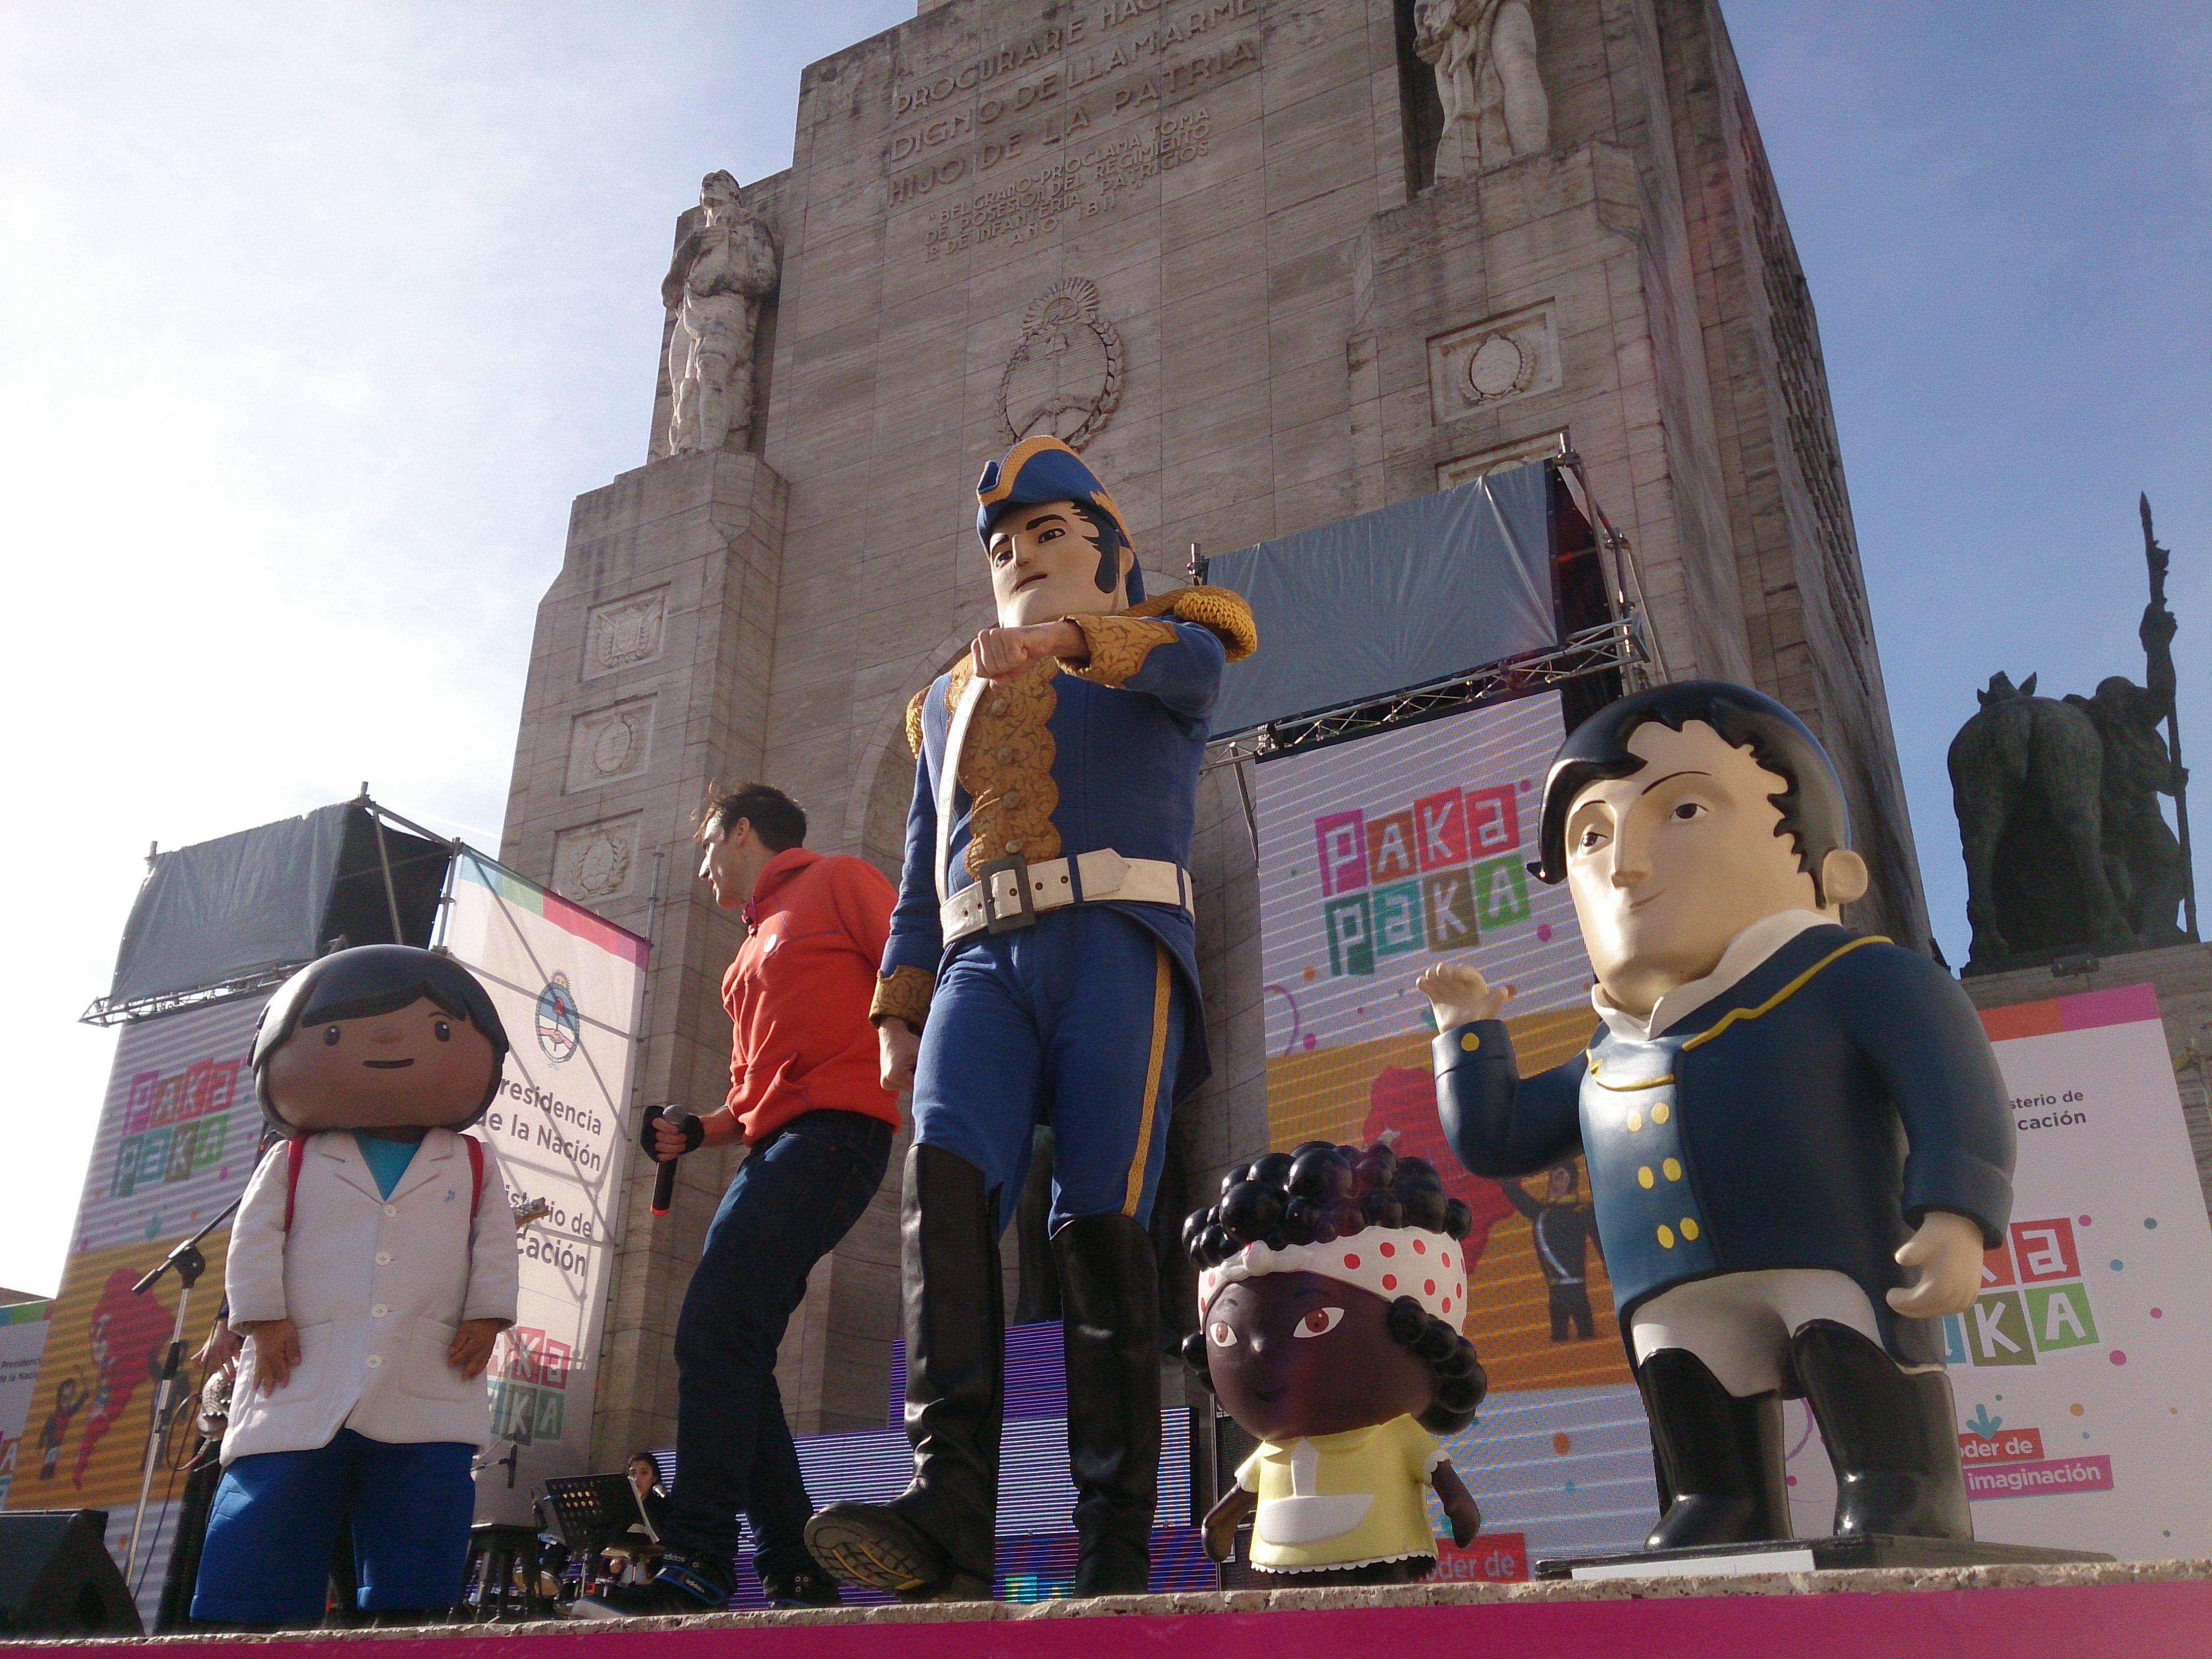 El elenco de Paka Paka fueron una de las atracciones en el Patio Cívico del Monumento (foto: Celina Mutti Lovera)